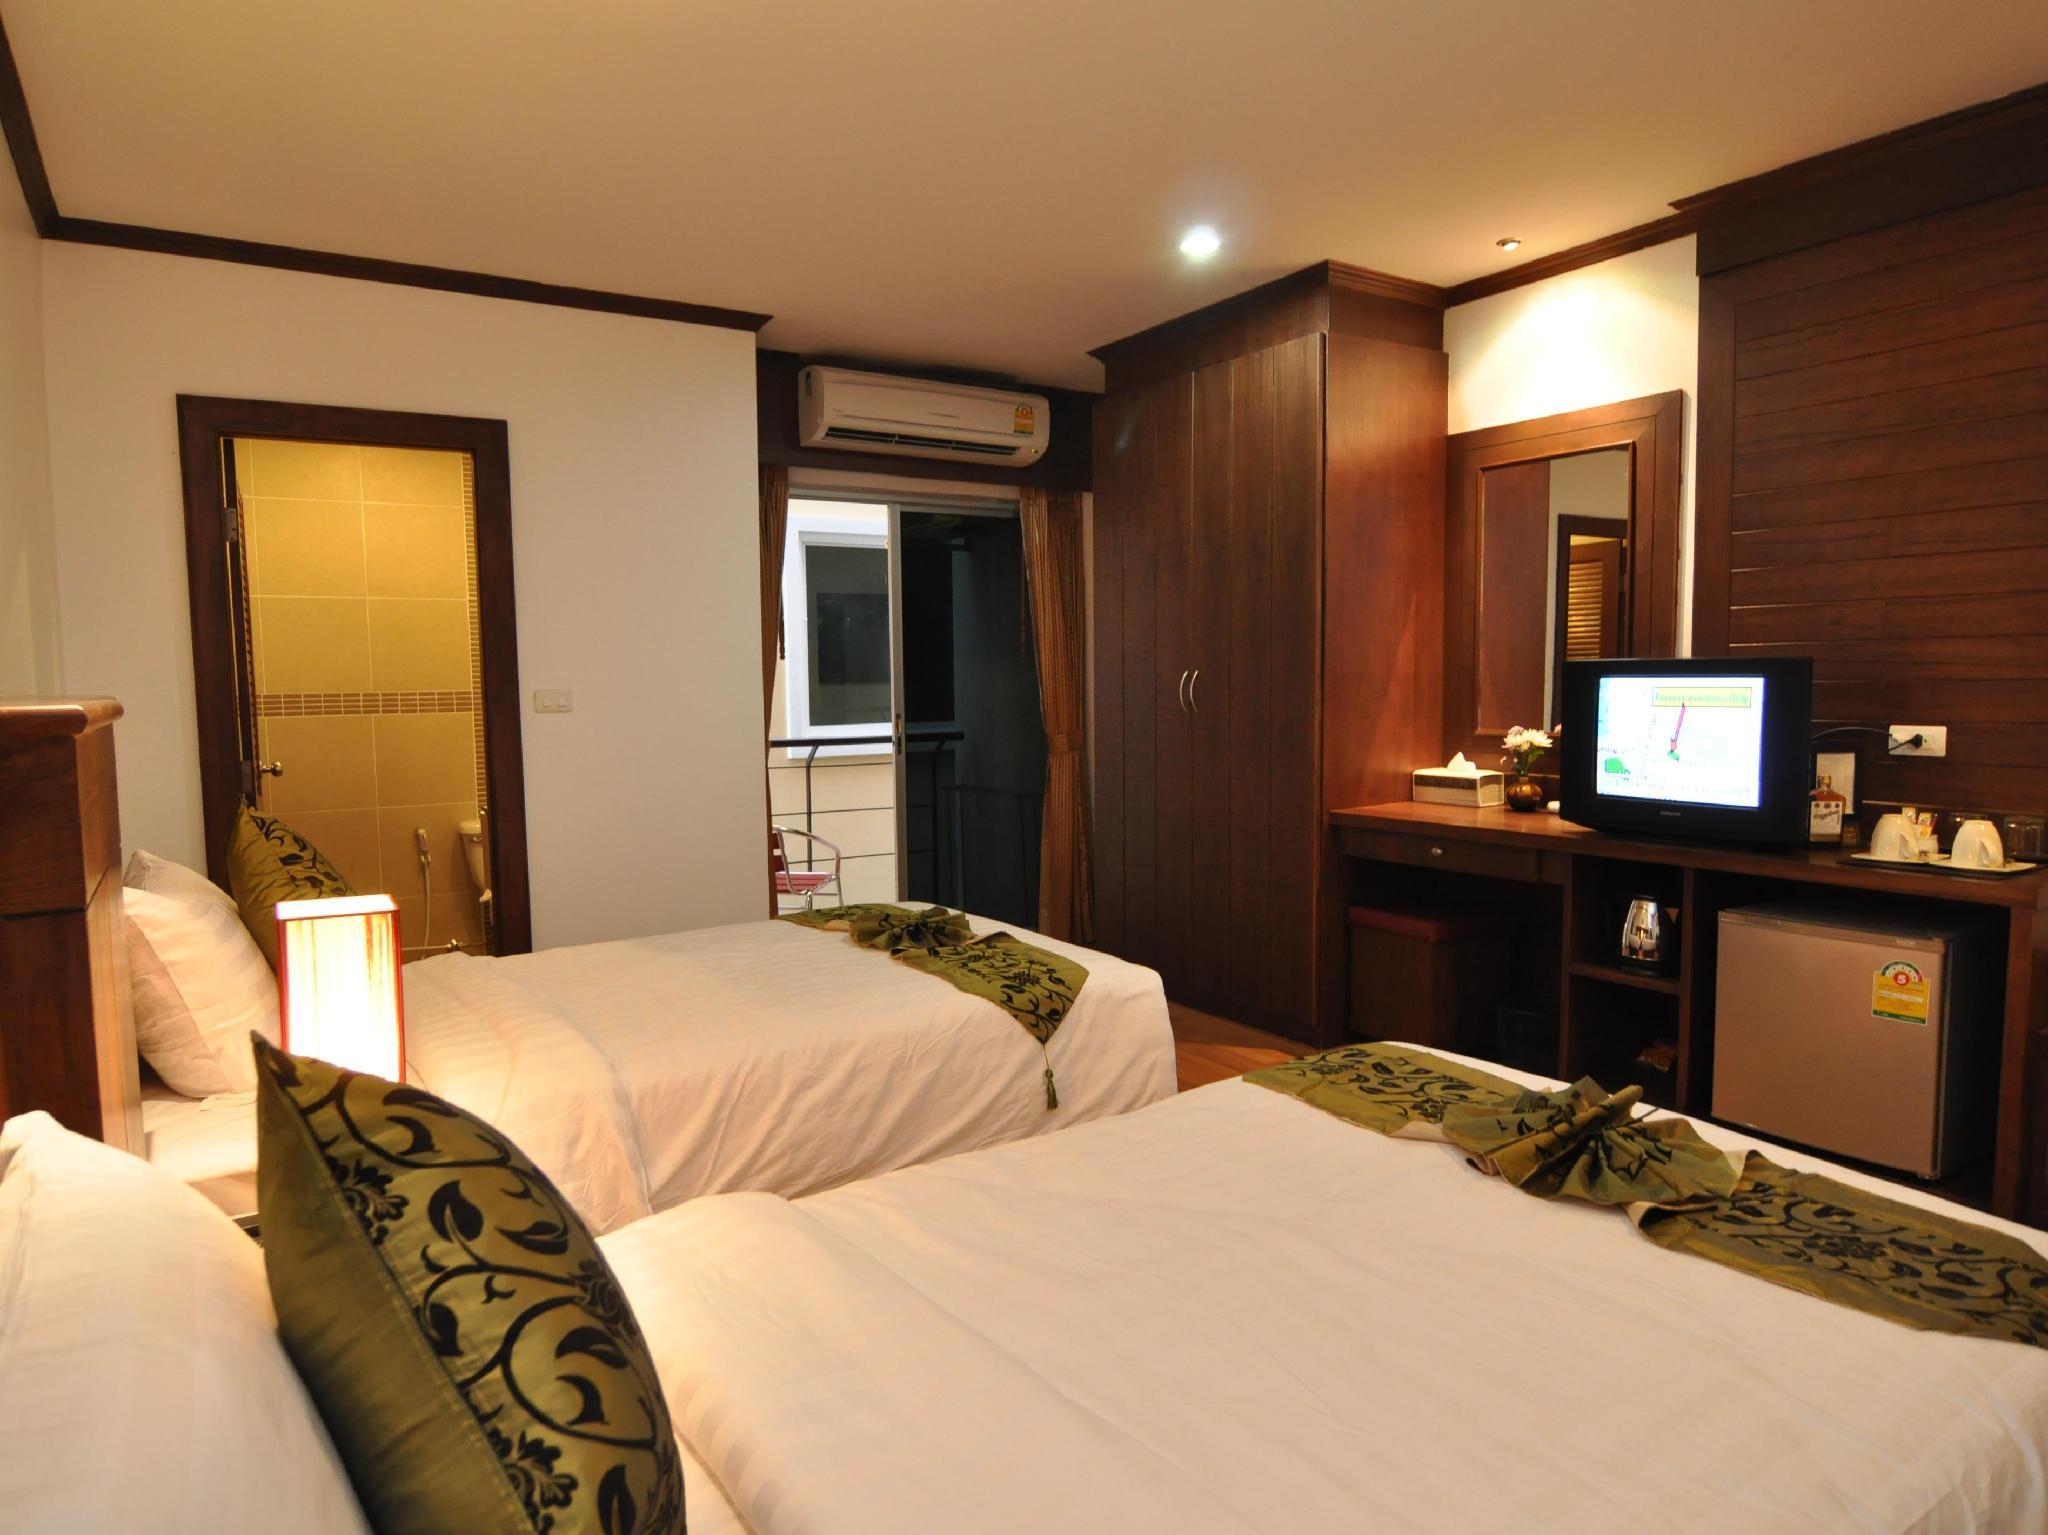 ヘミングウェイズ ホテル16